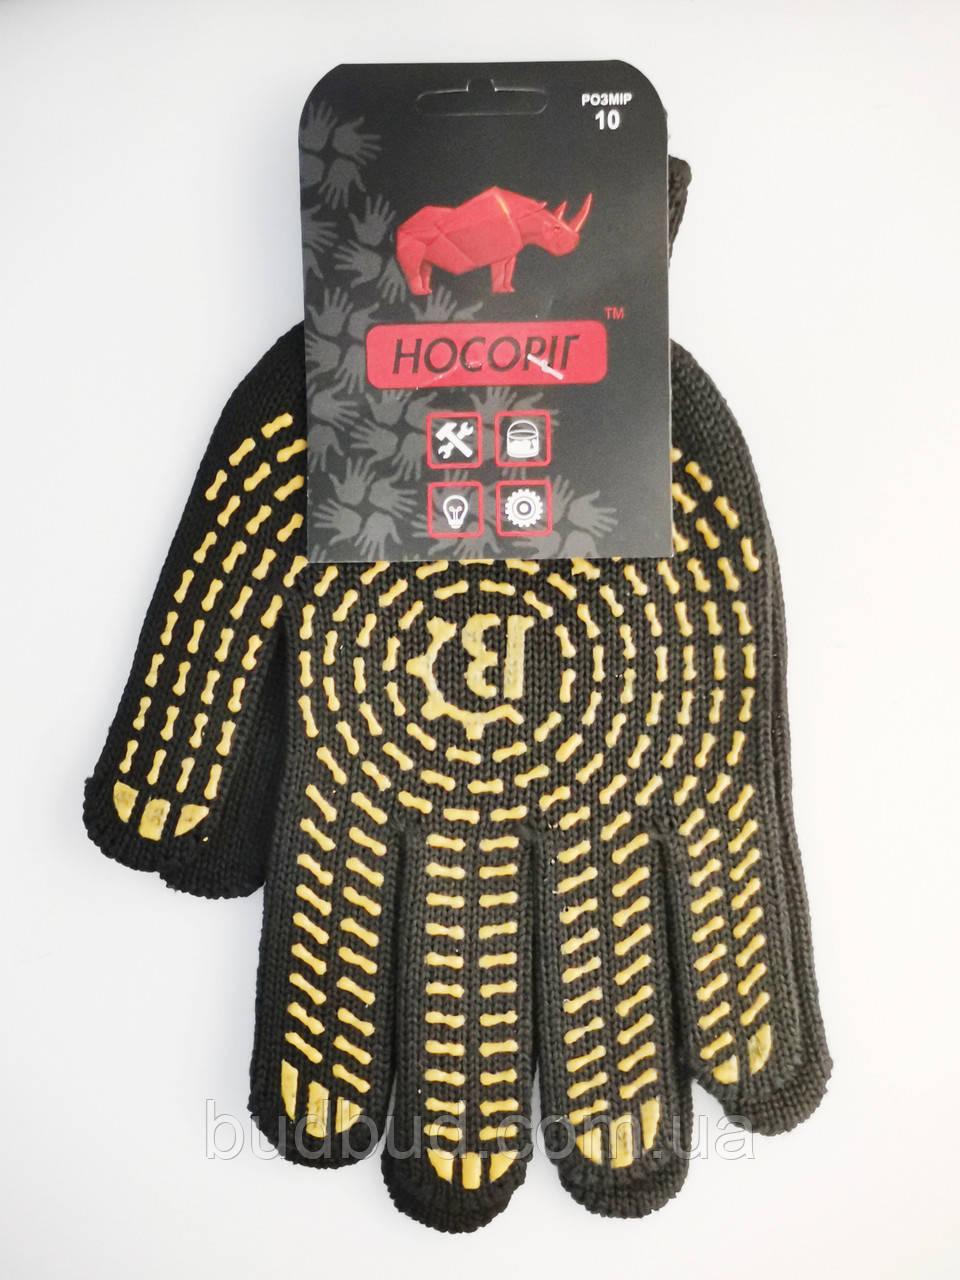 Перчатки трикотажные ТМ Носорог 10 размер